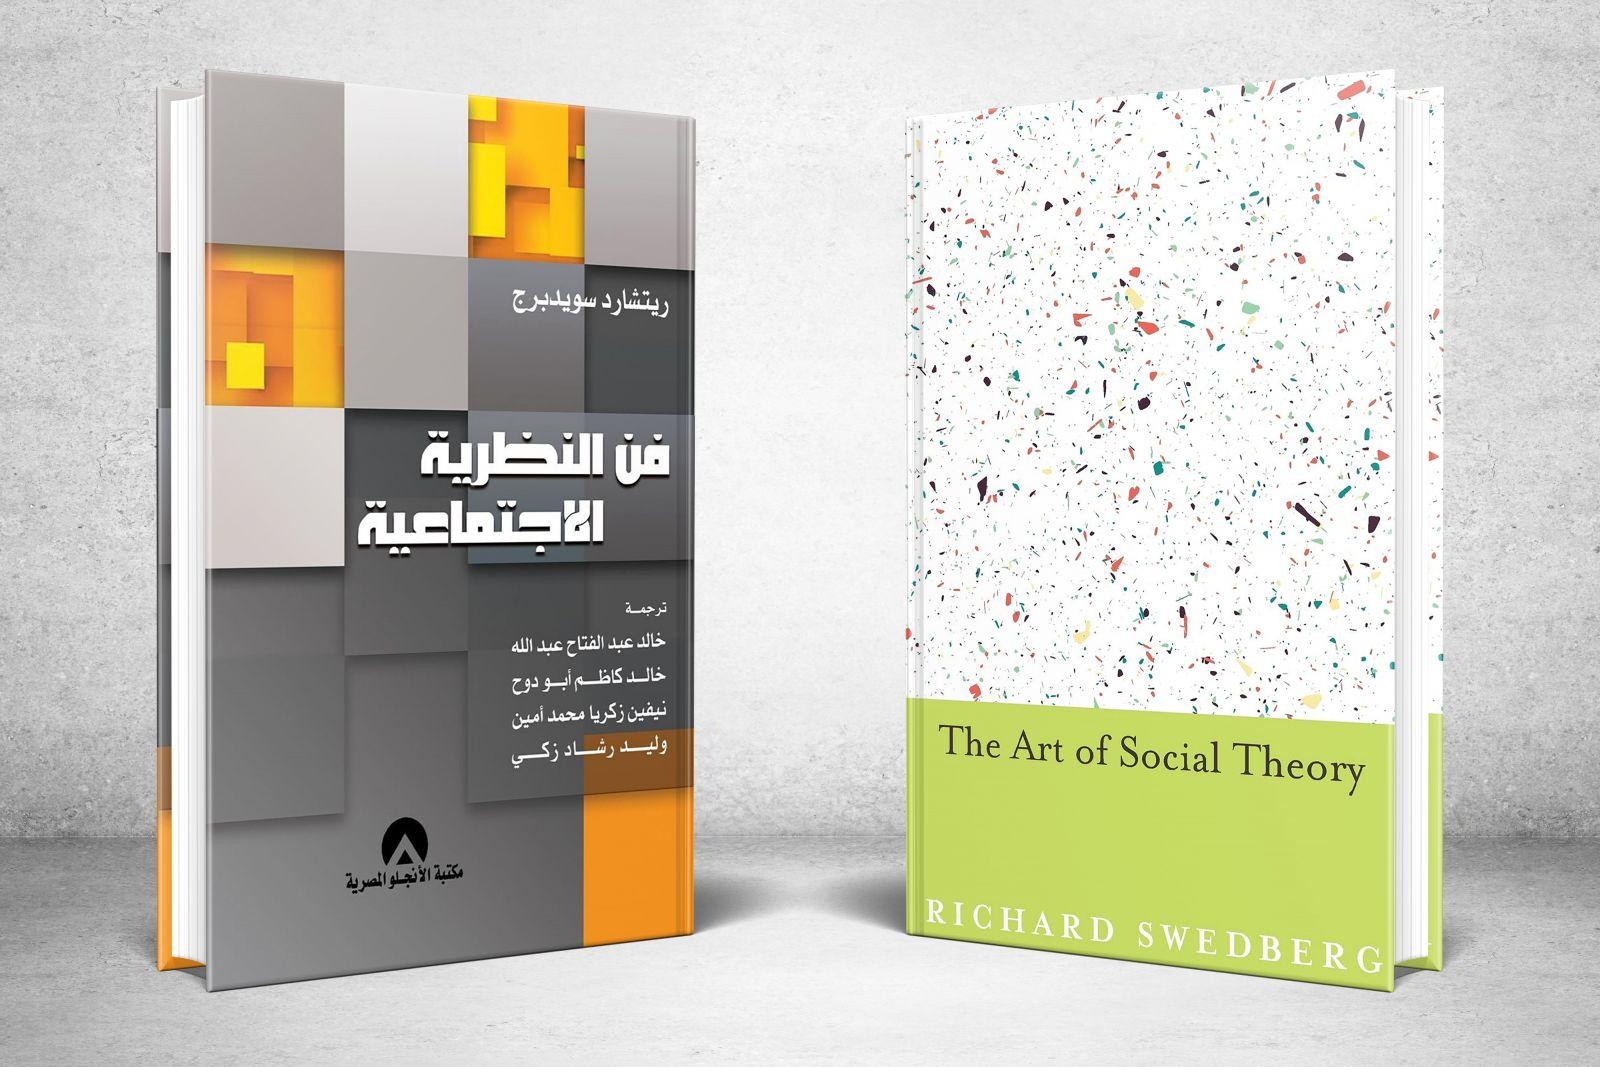 فن النظرية الاجتماعية - دليل الباحث الاجتماعي لخوض غمار التنظير الإبداعي